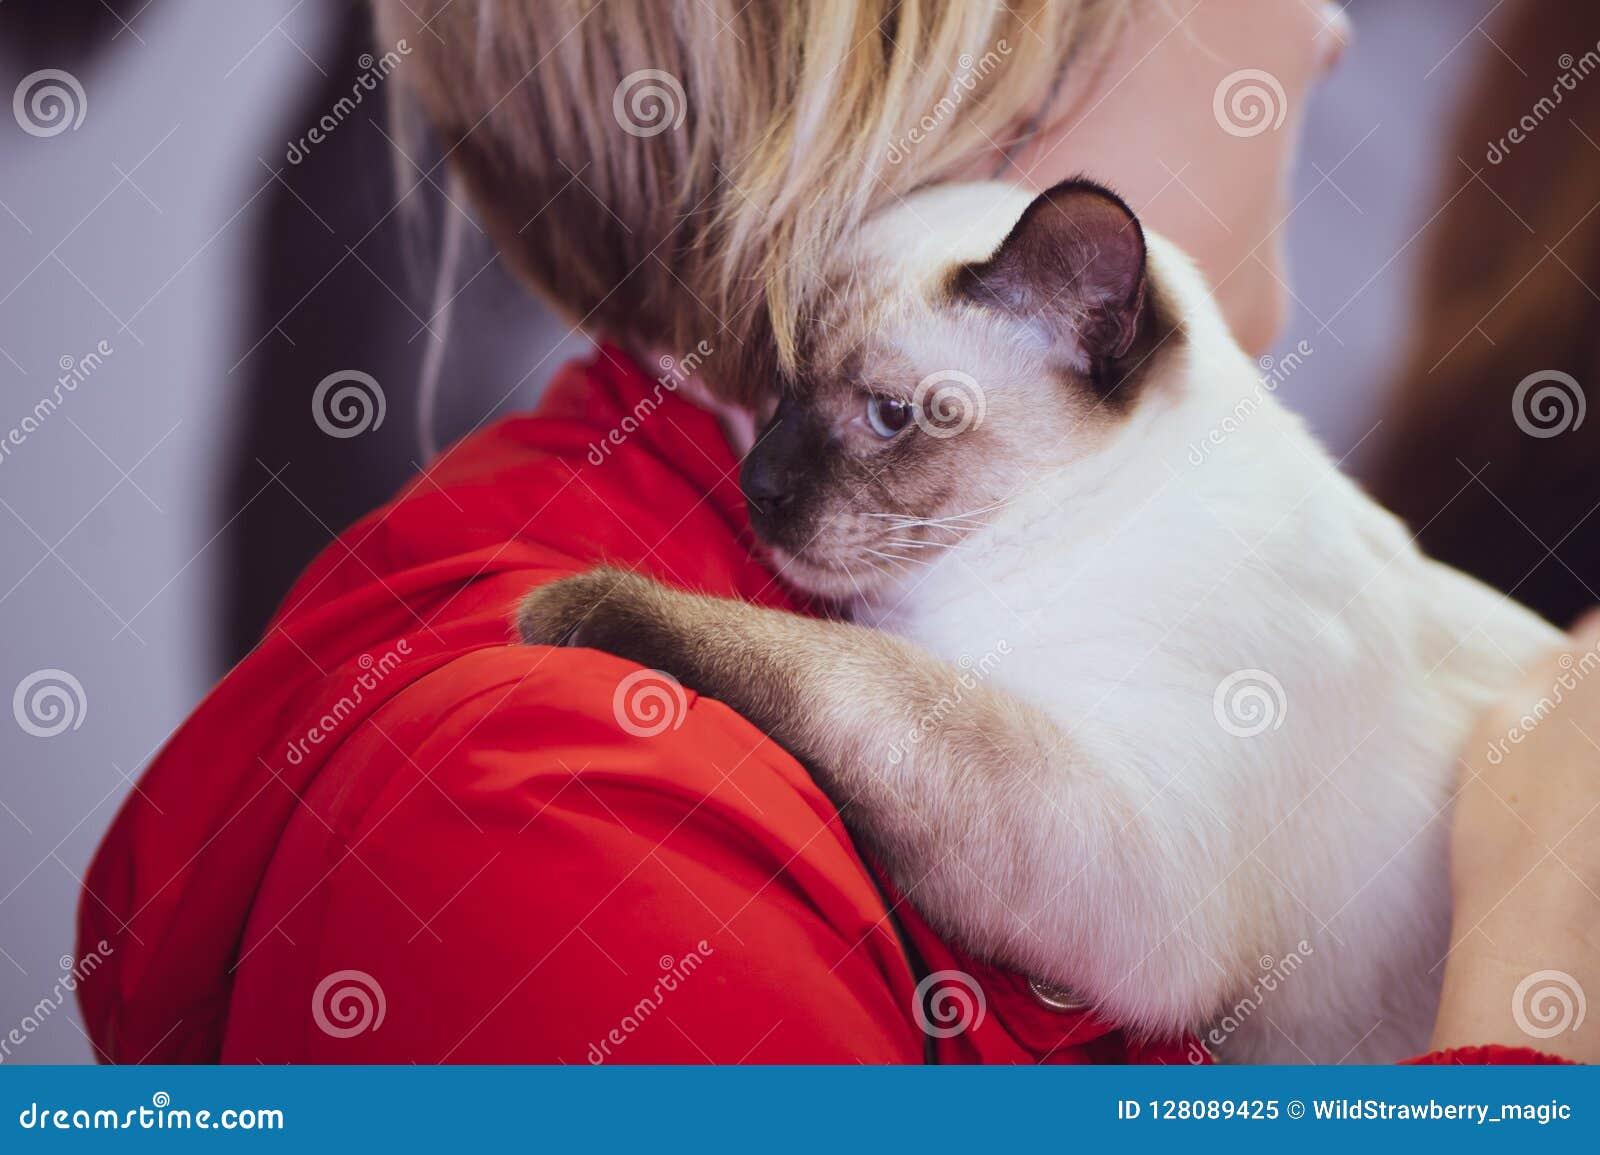 Тайский кот в руках предпринимателя, выставке любимчика